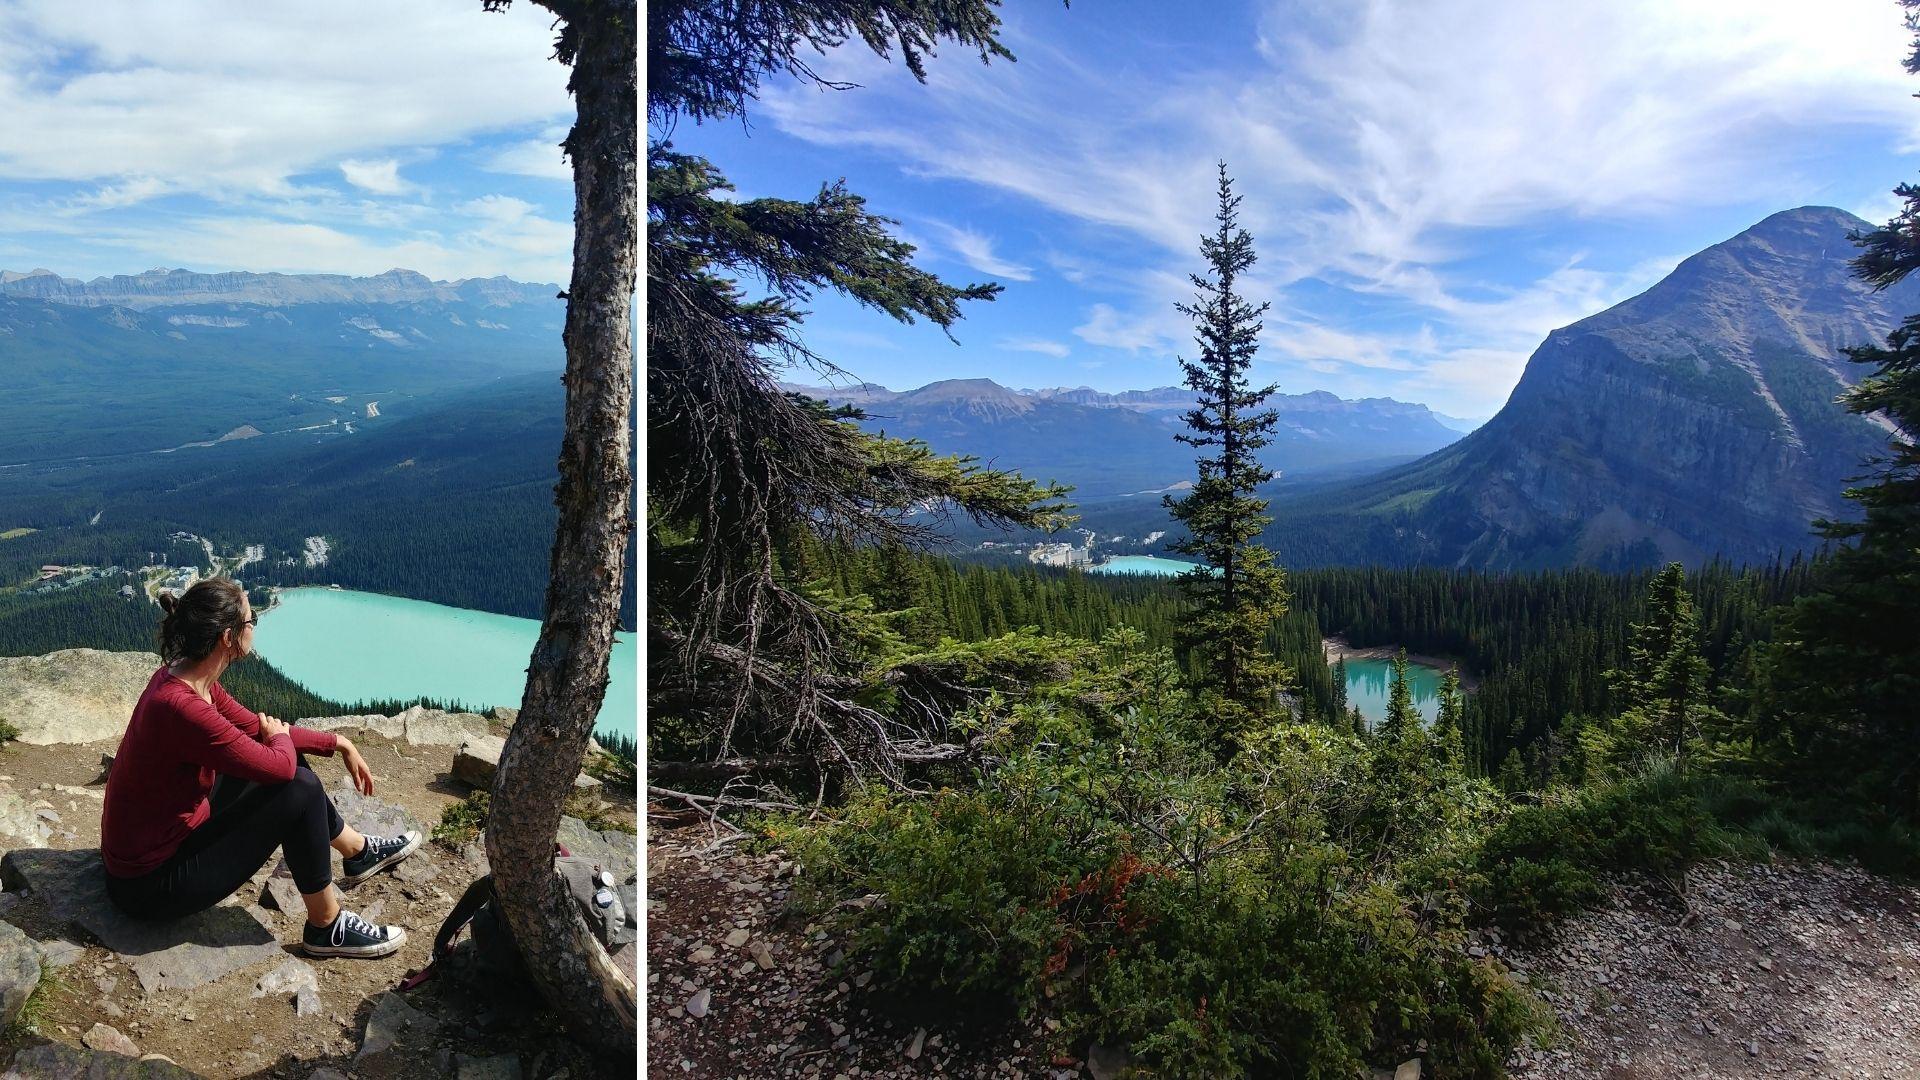 Randonnée Little Beehive, parc national de Banff Canada